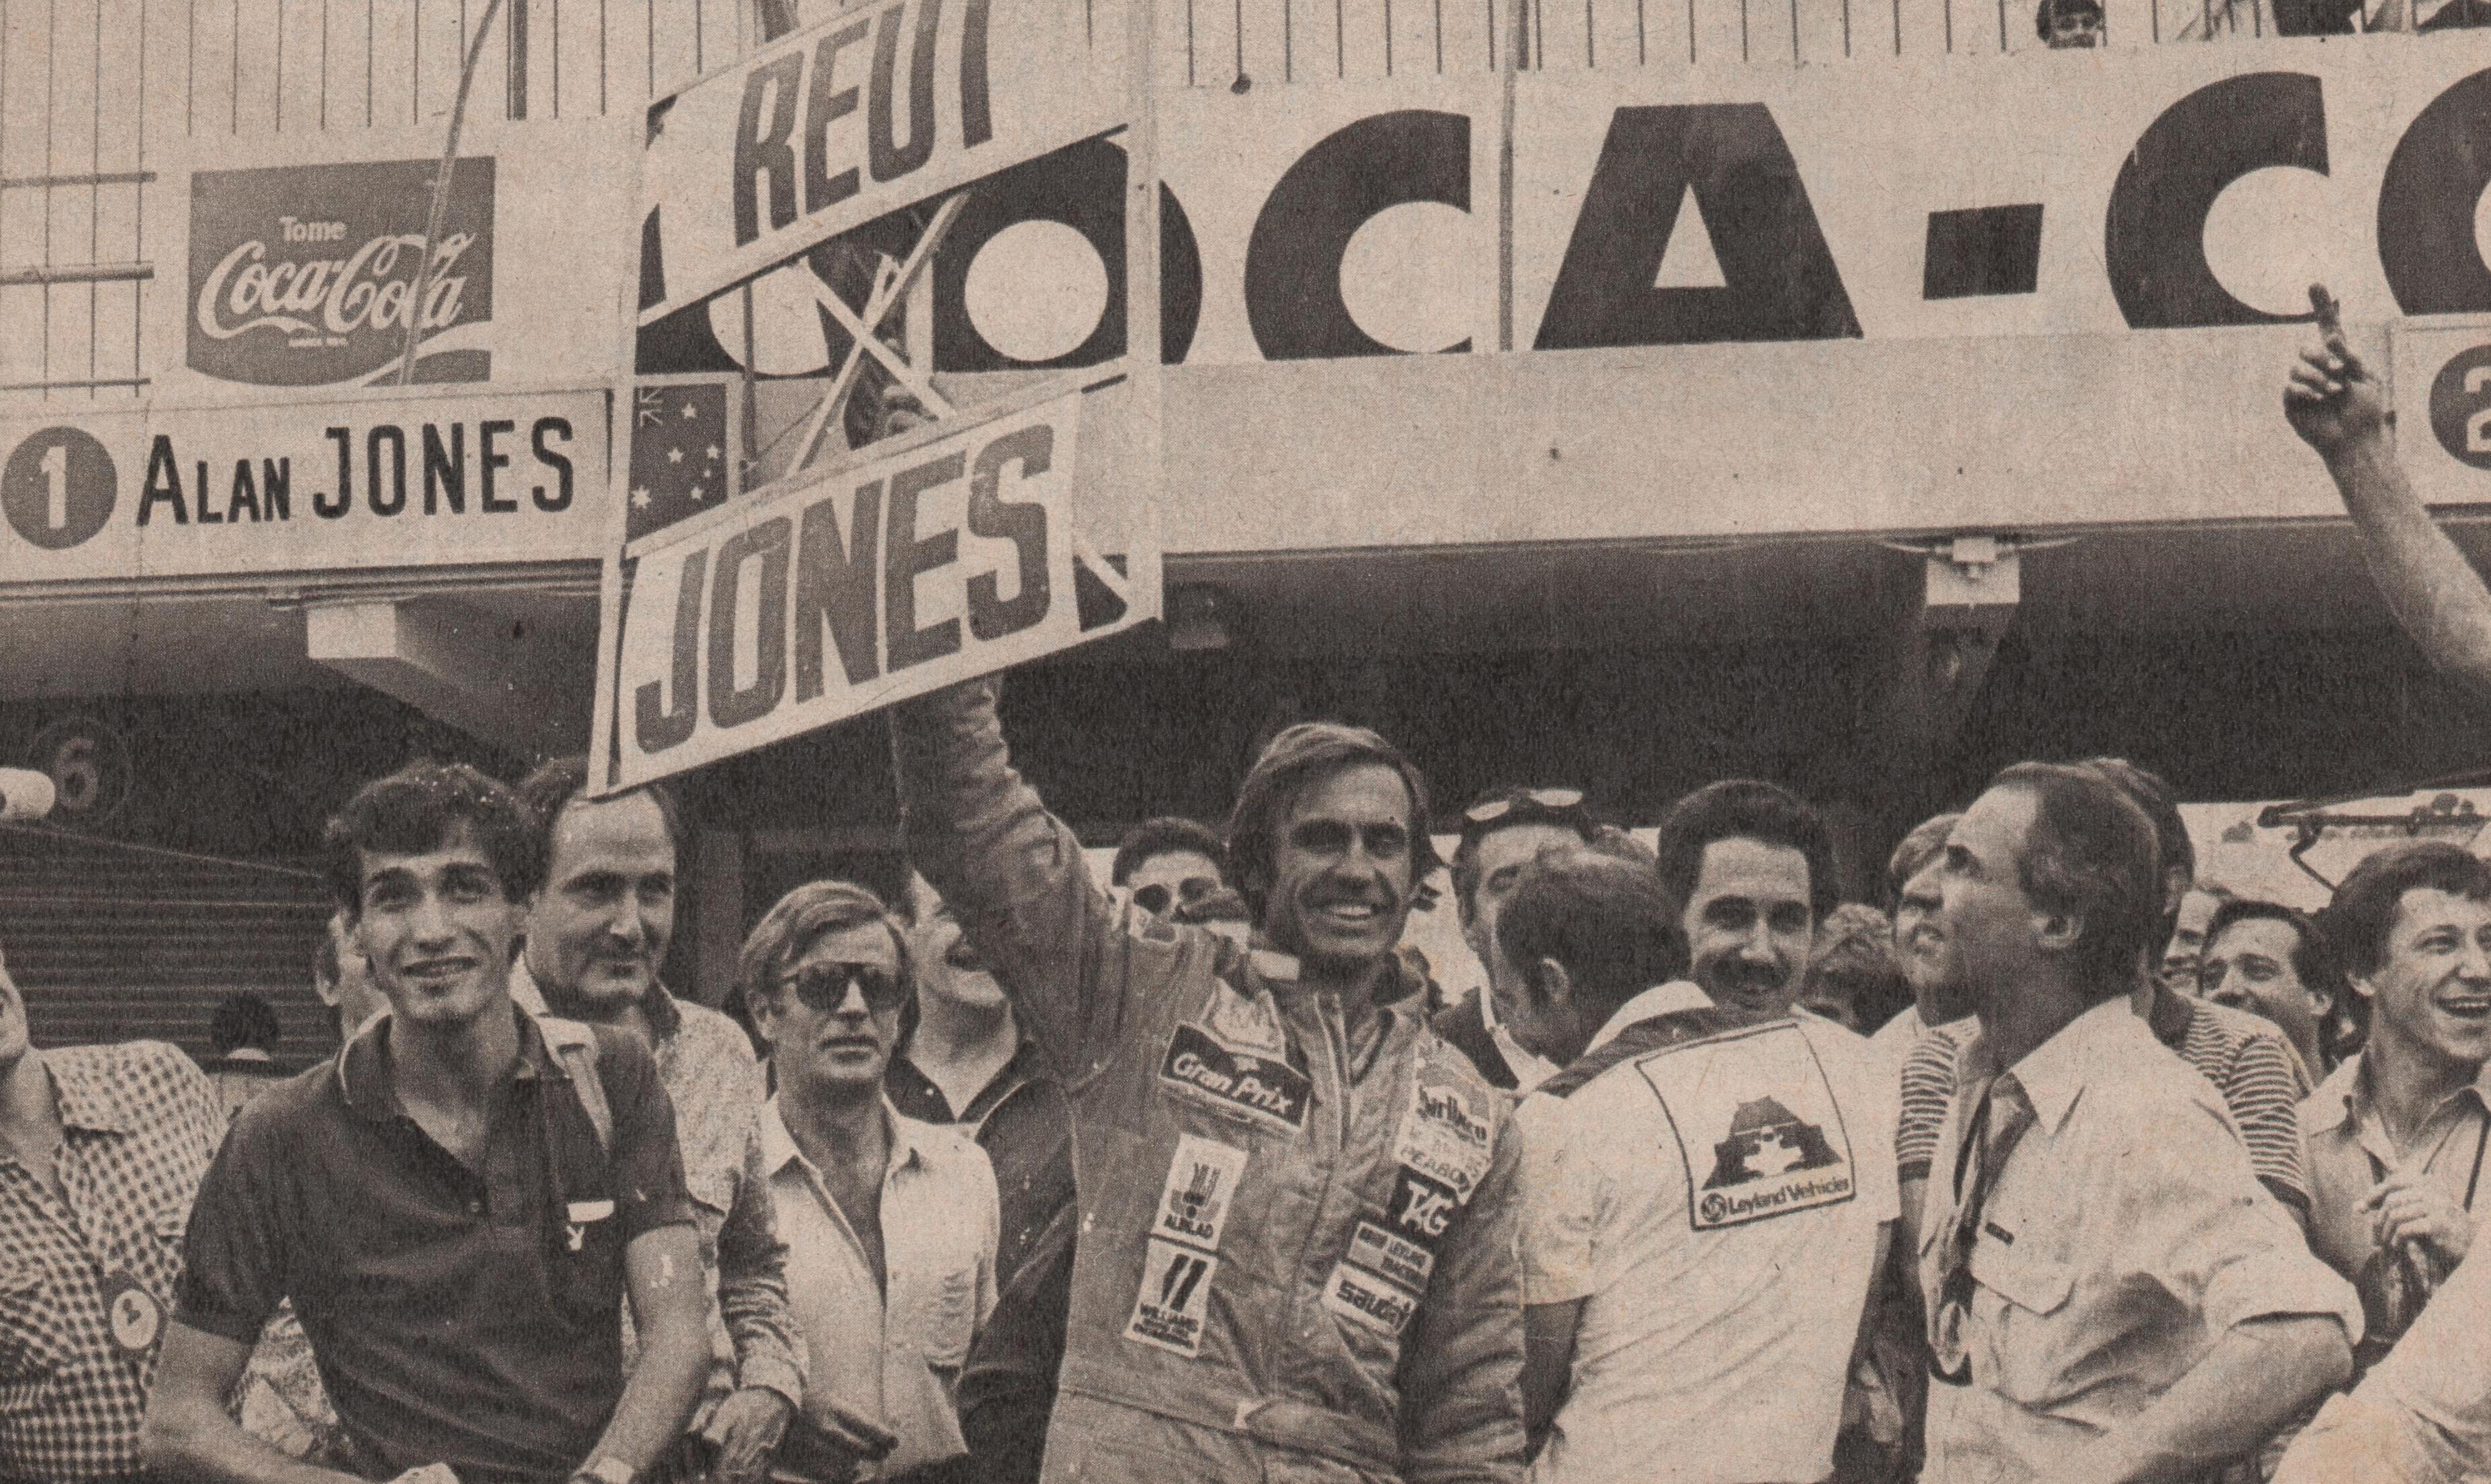 Lole saluda a su gente en Buenos Aires con el famoso cartel, pero con las posiciones invertidas. Hizo delirar al público (Archivo CORSA)